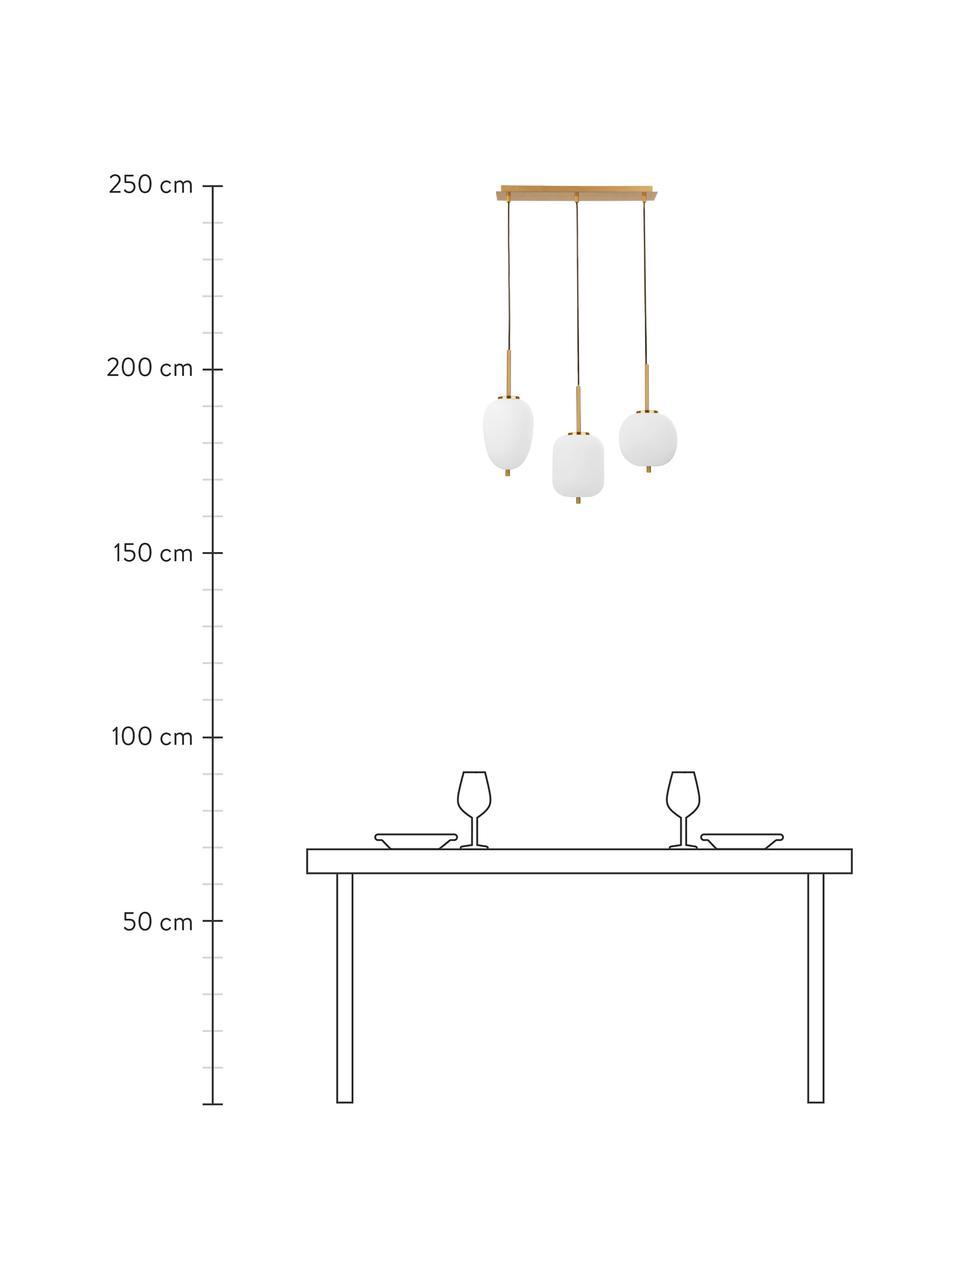 Pendelleuchte Lato aus Glas, Dekor: Metall, beschichtet, Baldachin: Metall, beschichtet, Weiß, Goldfarben, 53 x 120 cm